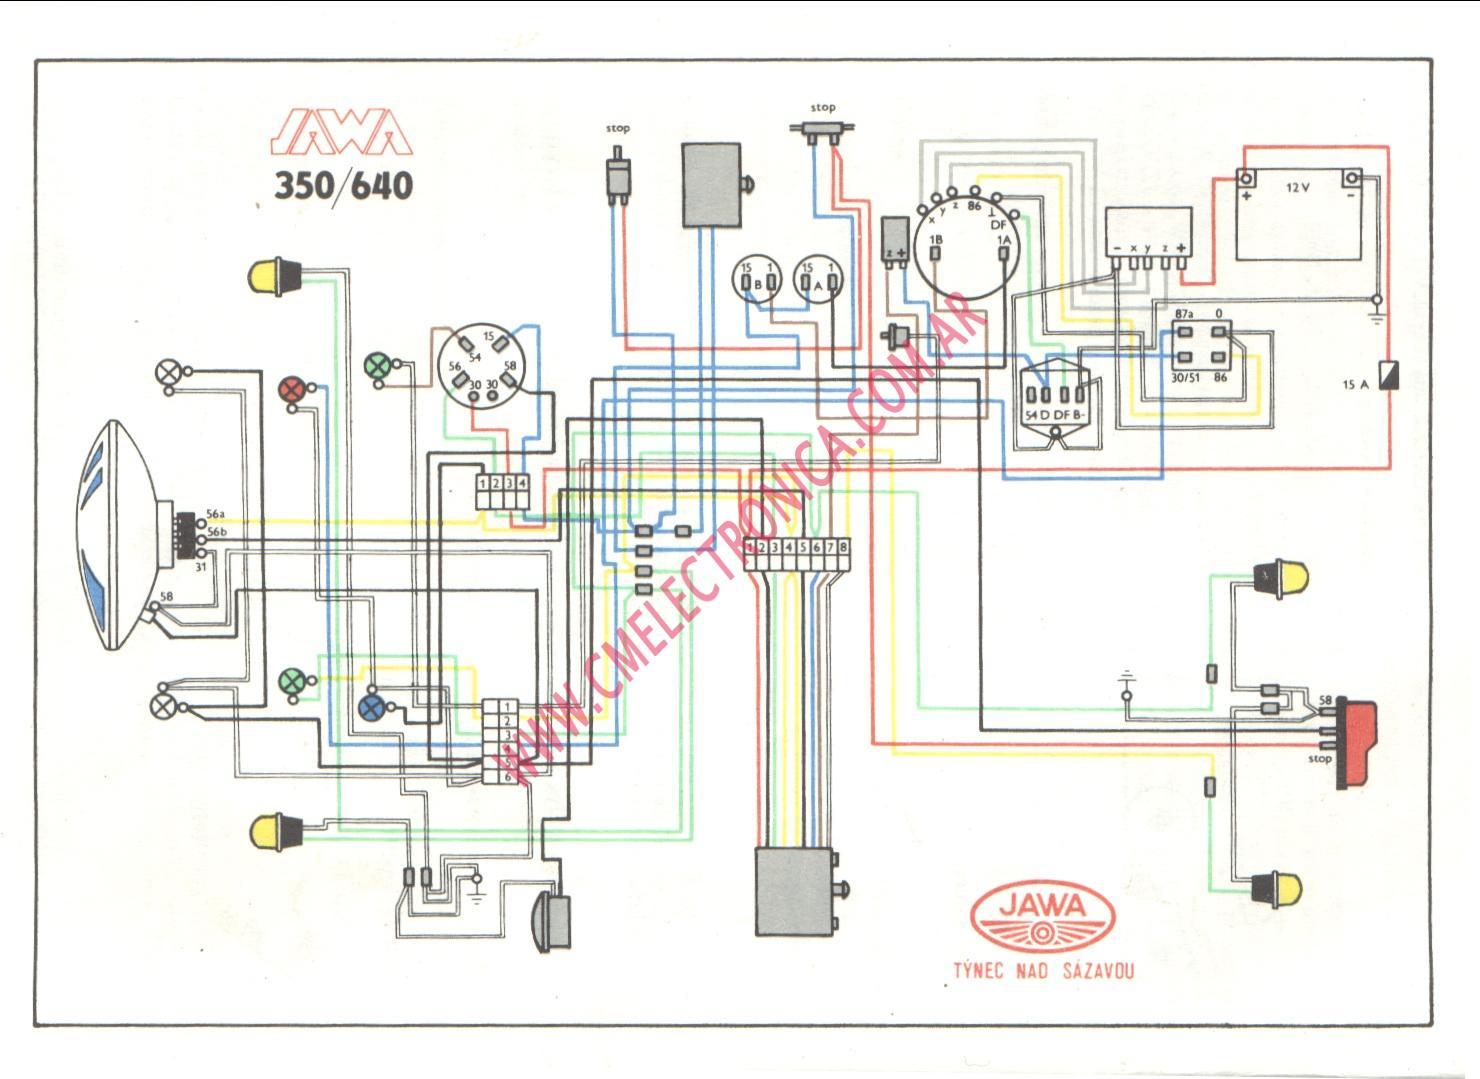 hight resolution of jawa 350 640